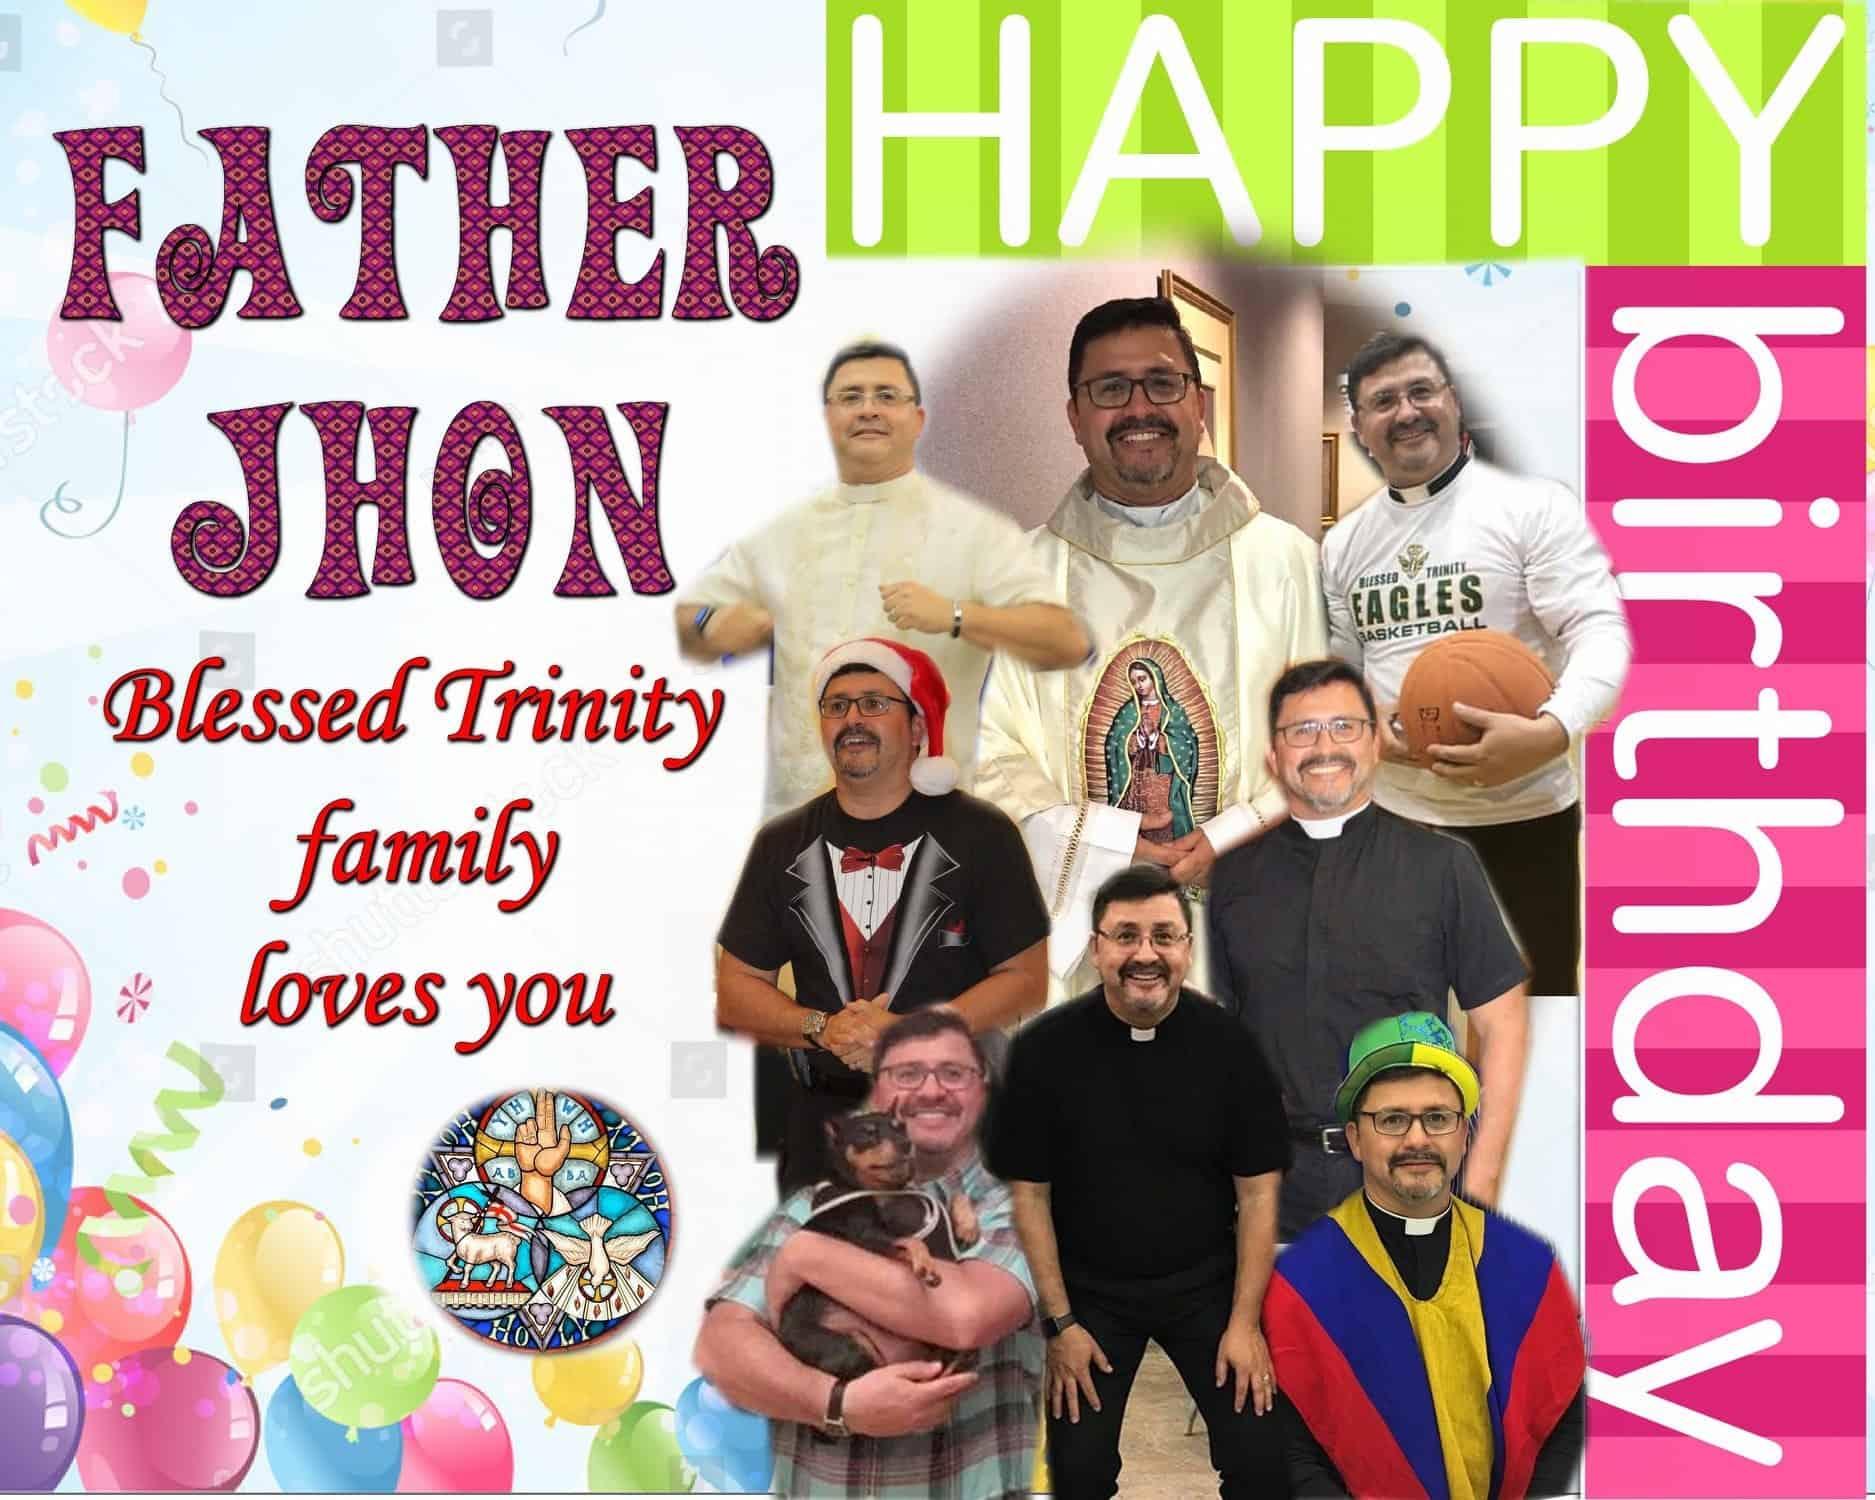 HAPPY BIRTHDAY FR. JHON!